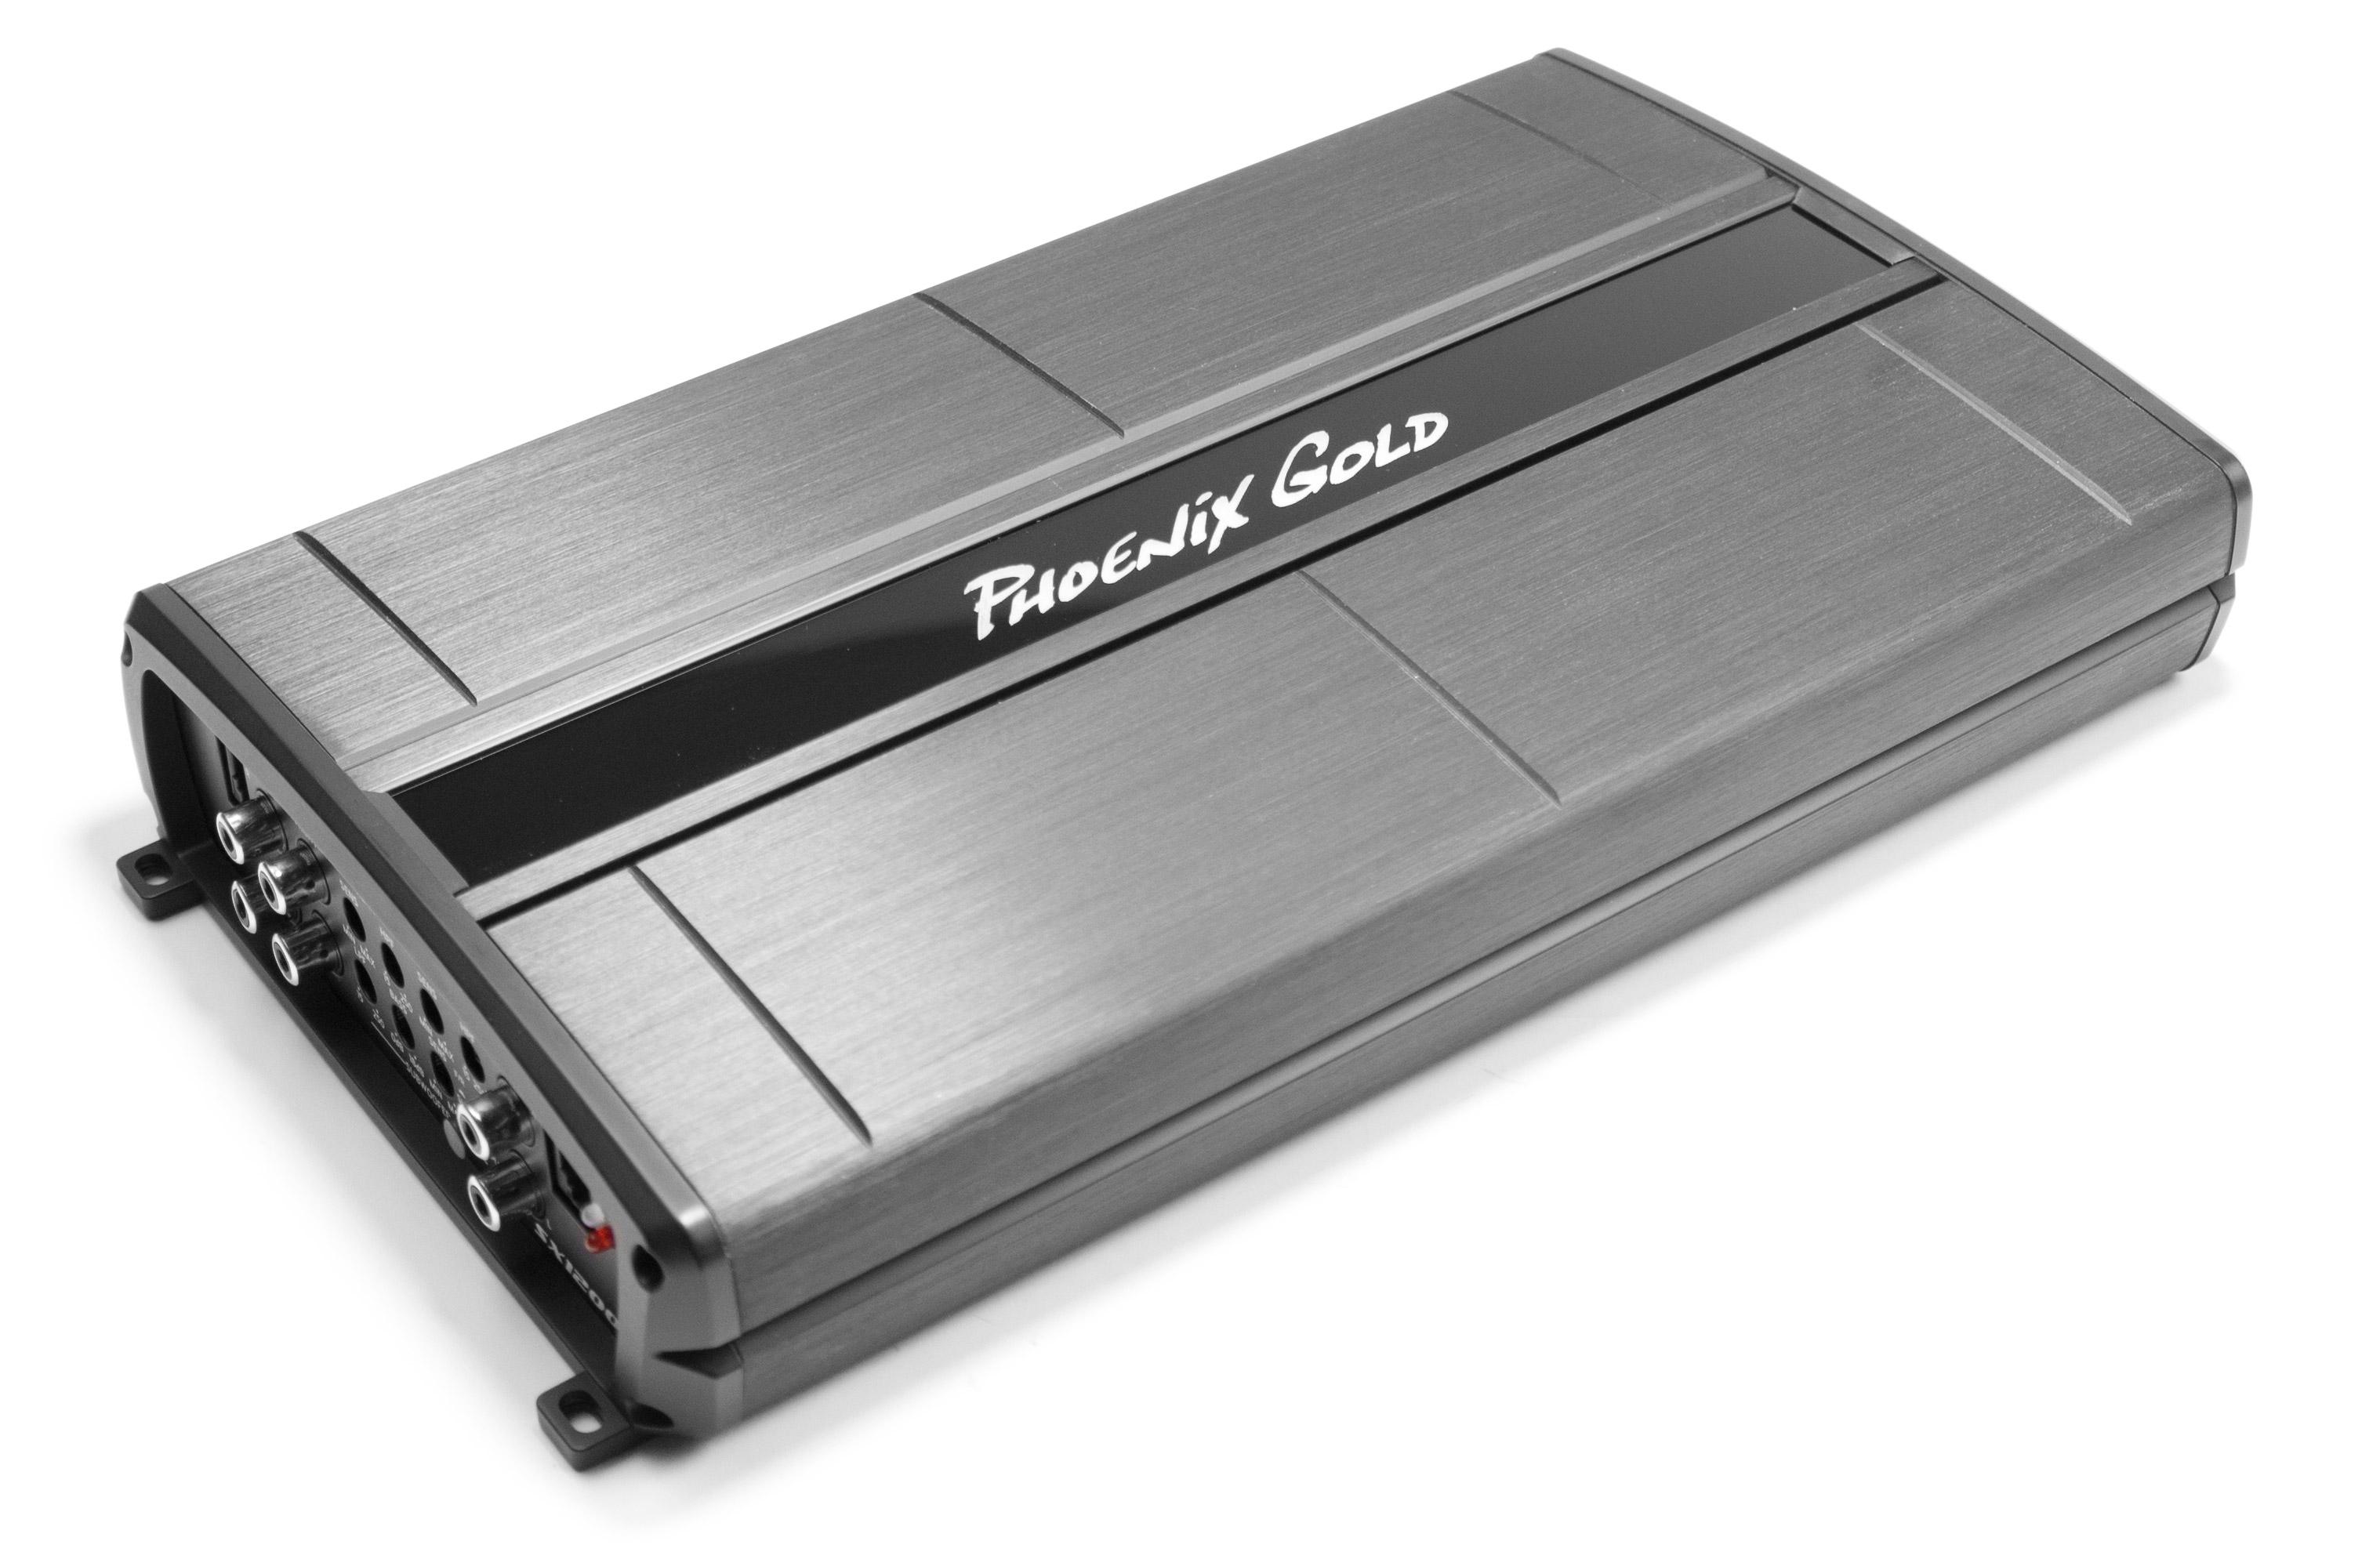 Phoenix Gold SX1200 5 Amplifier Review - PASMAG - since 1999